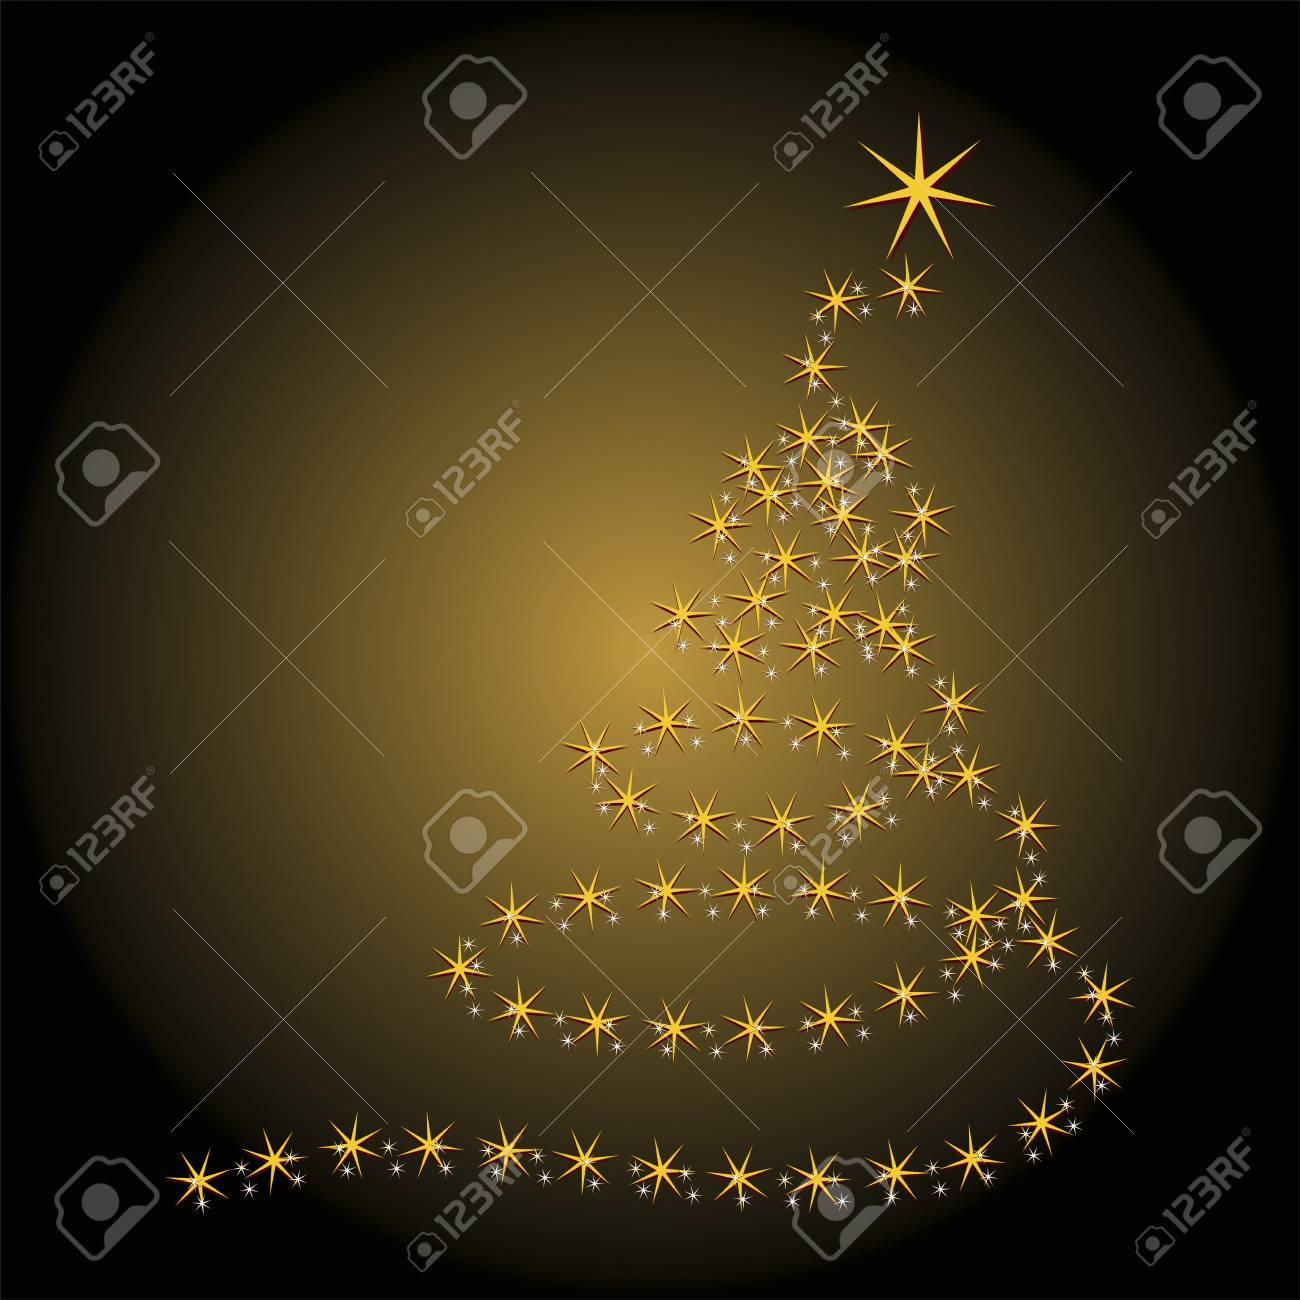 Albero Di Natale Nero E Oro.Albero Di Natale Piu Isolato Nero E Oro Gradiente